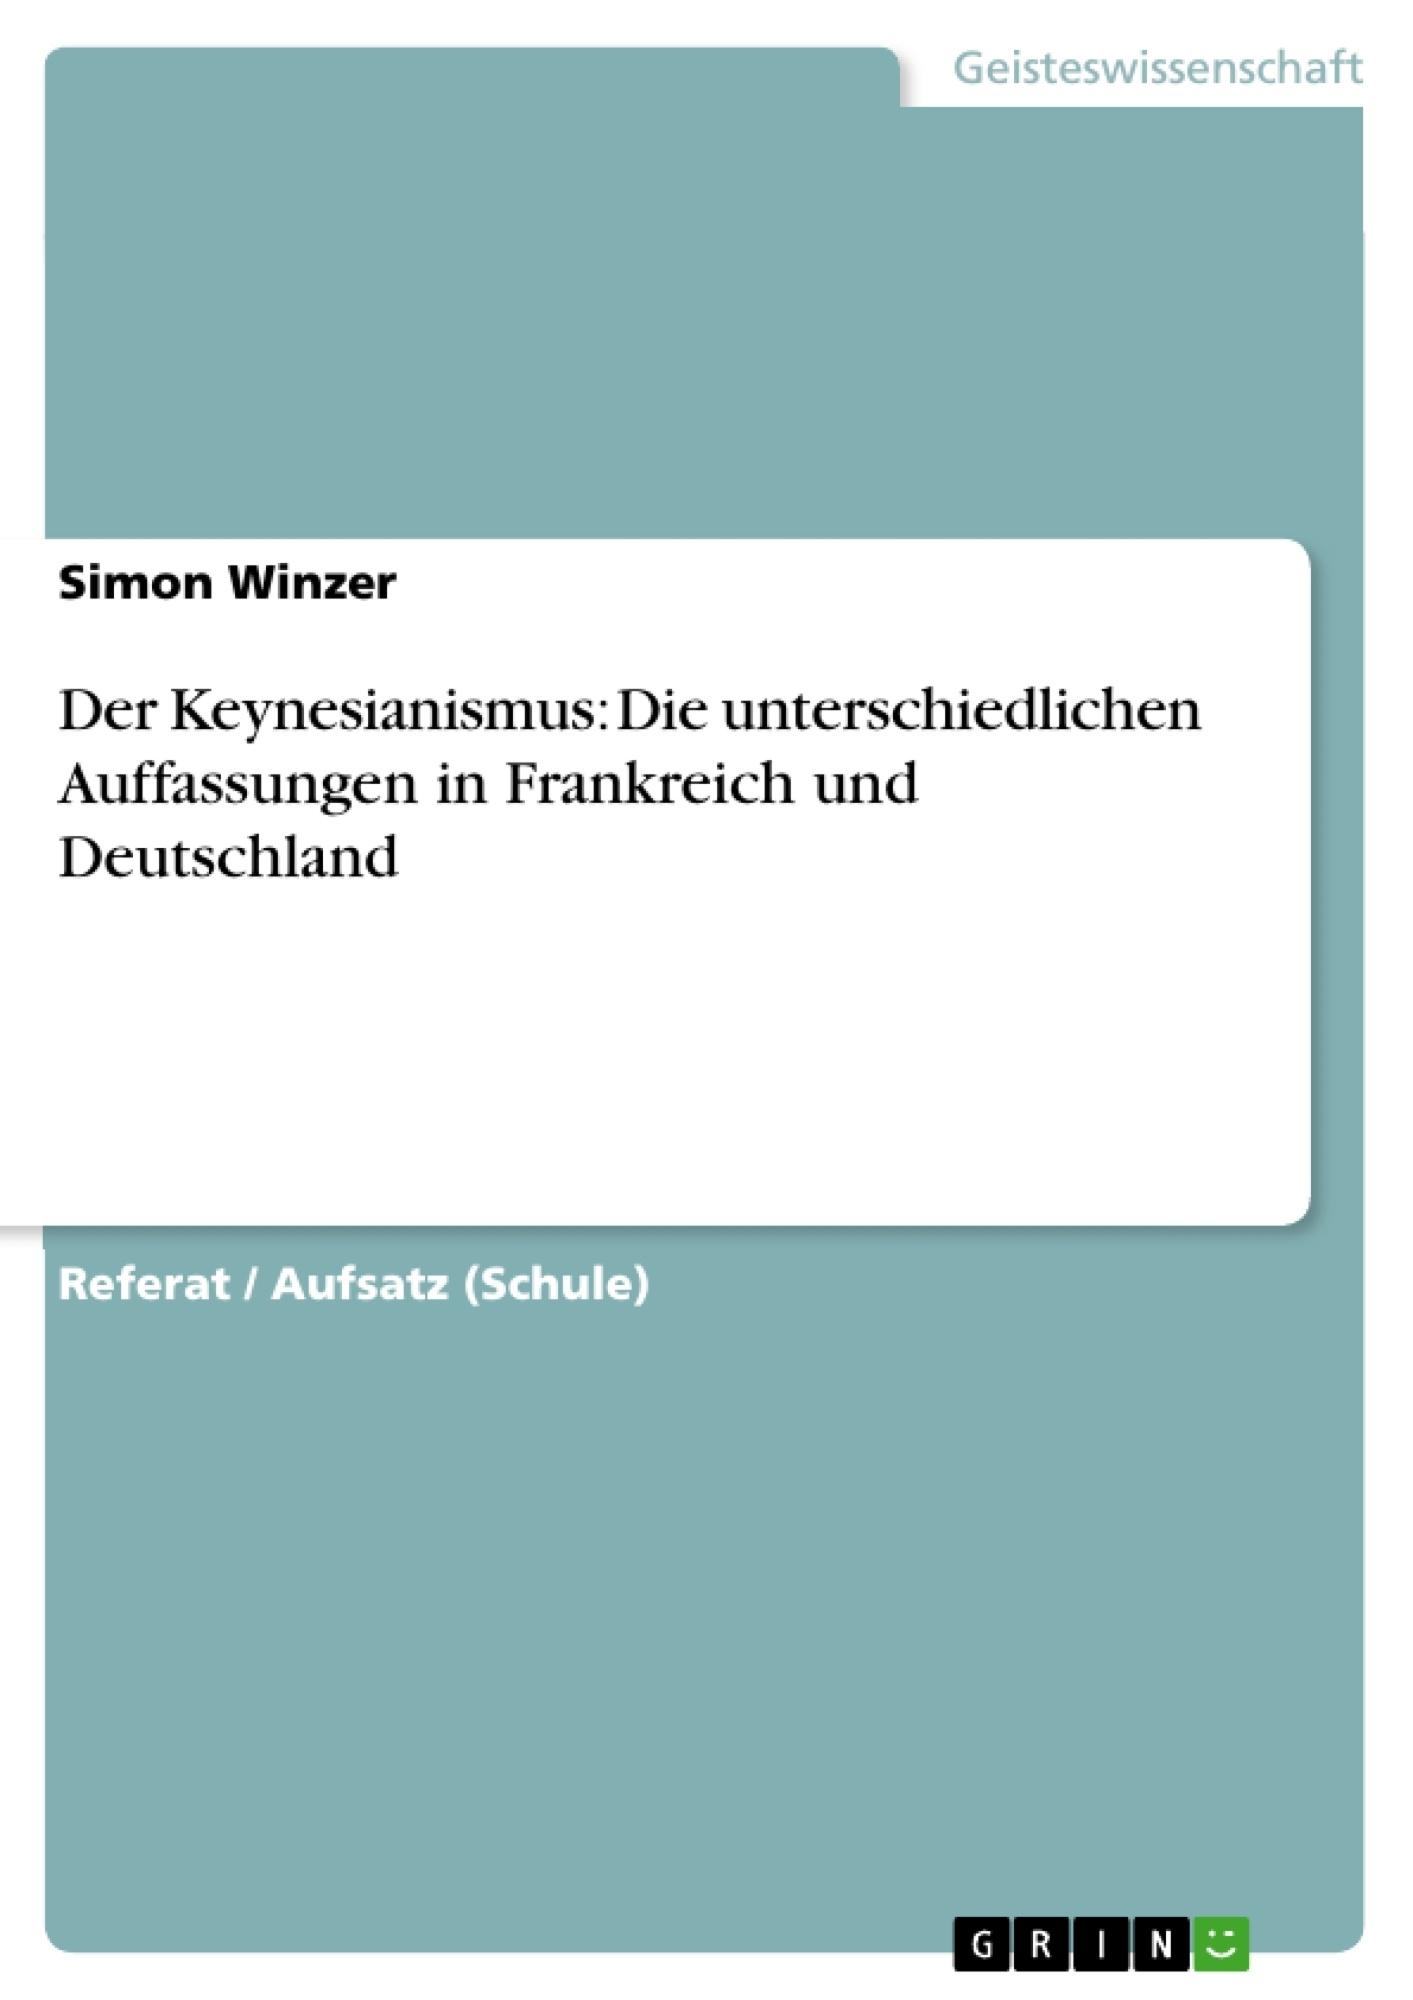 Titel: Der Keynesianismus: Die unterschiedlichen Auffassungen in Frankreich und Deutschland